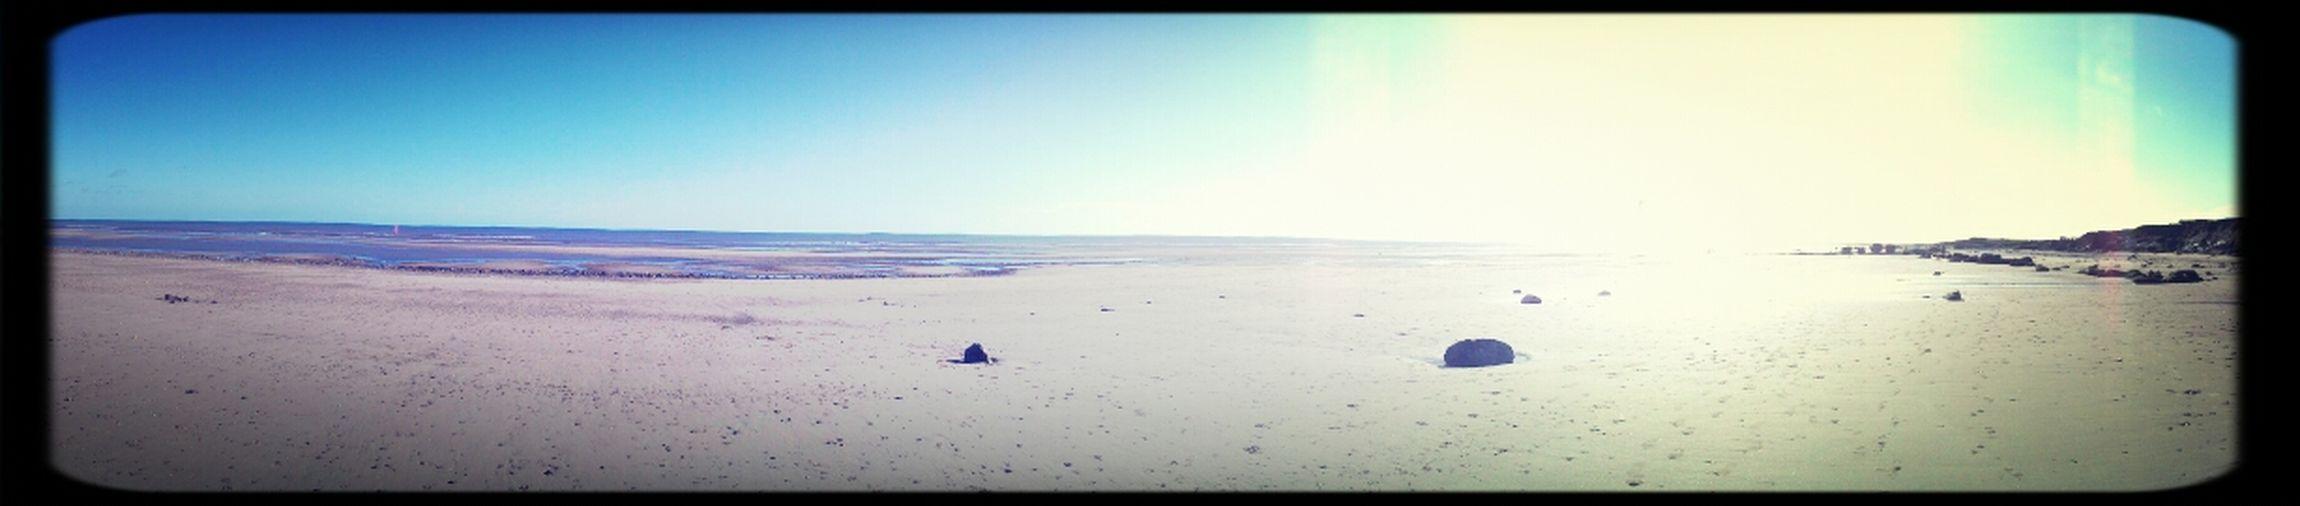 Fraisthorpe Seaside Sunshine Enjoying Life